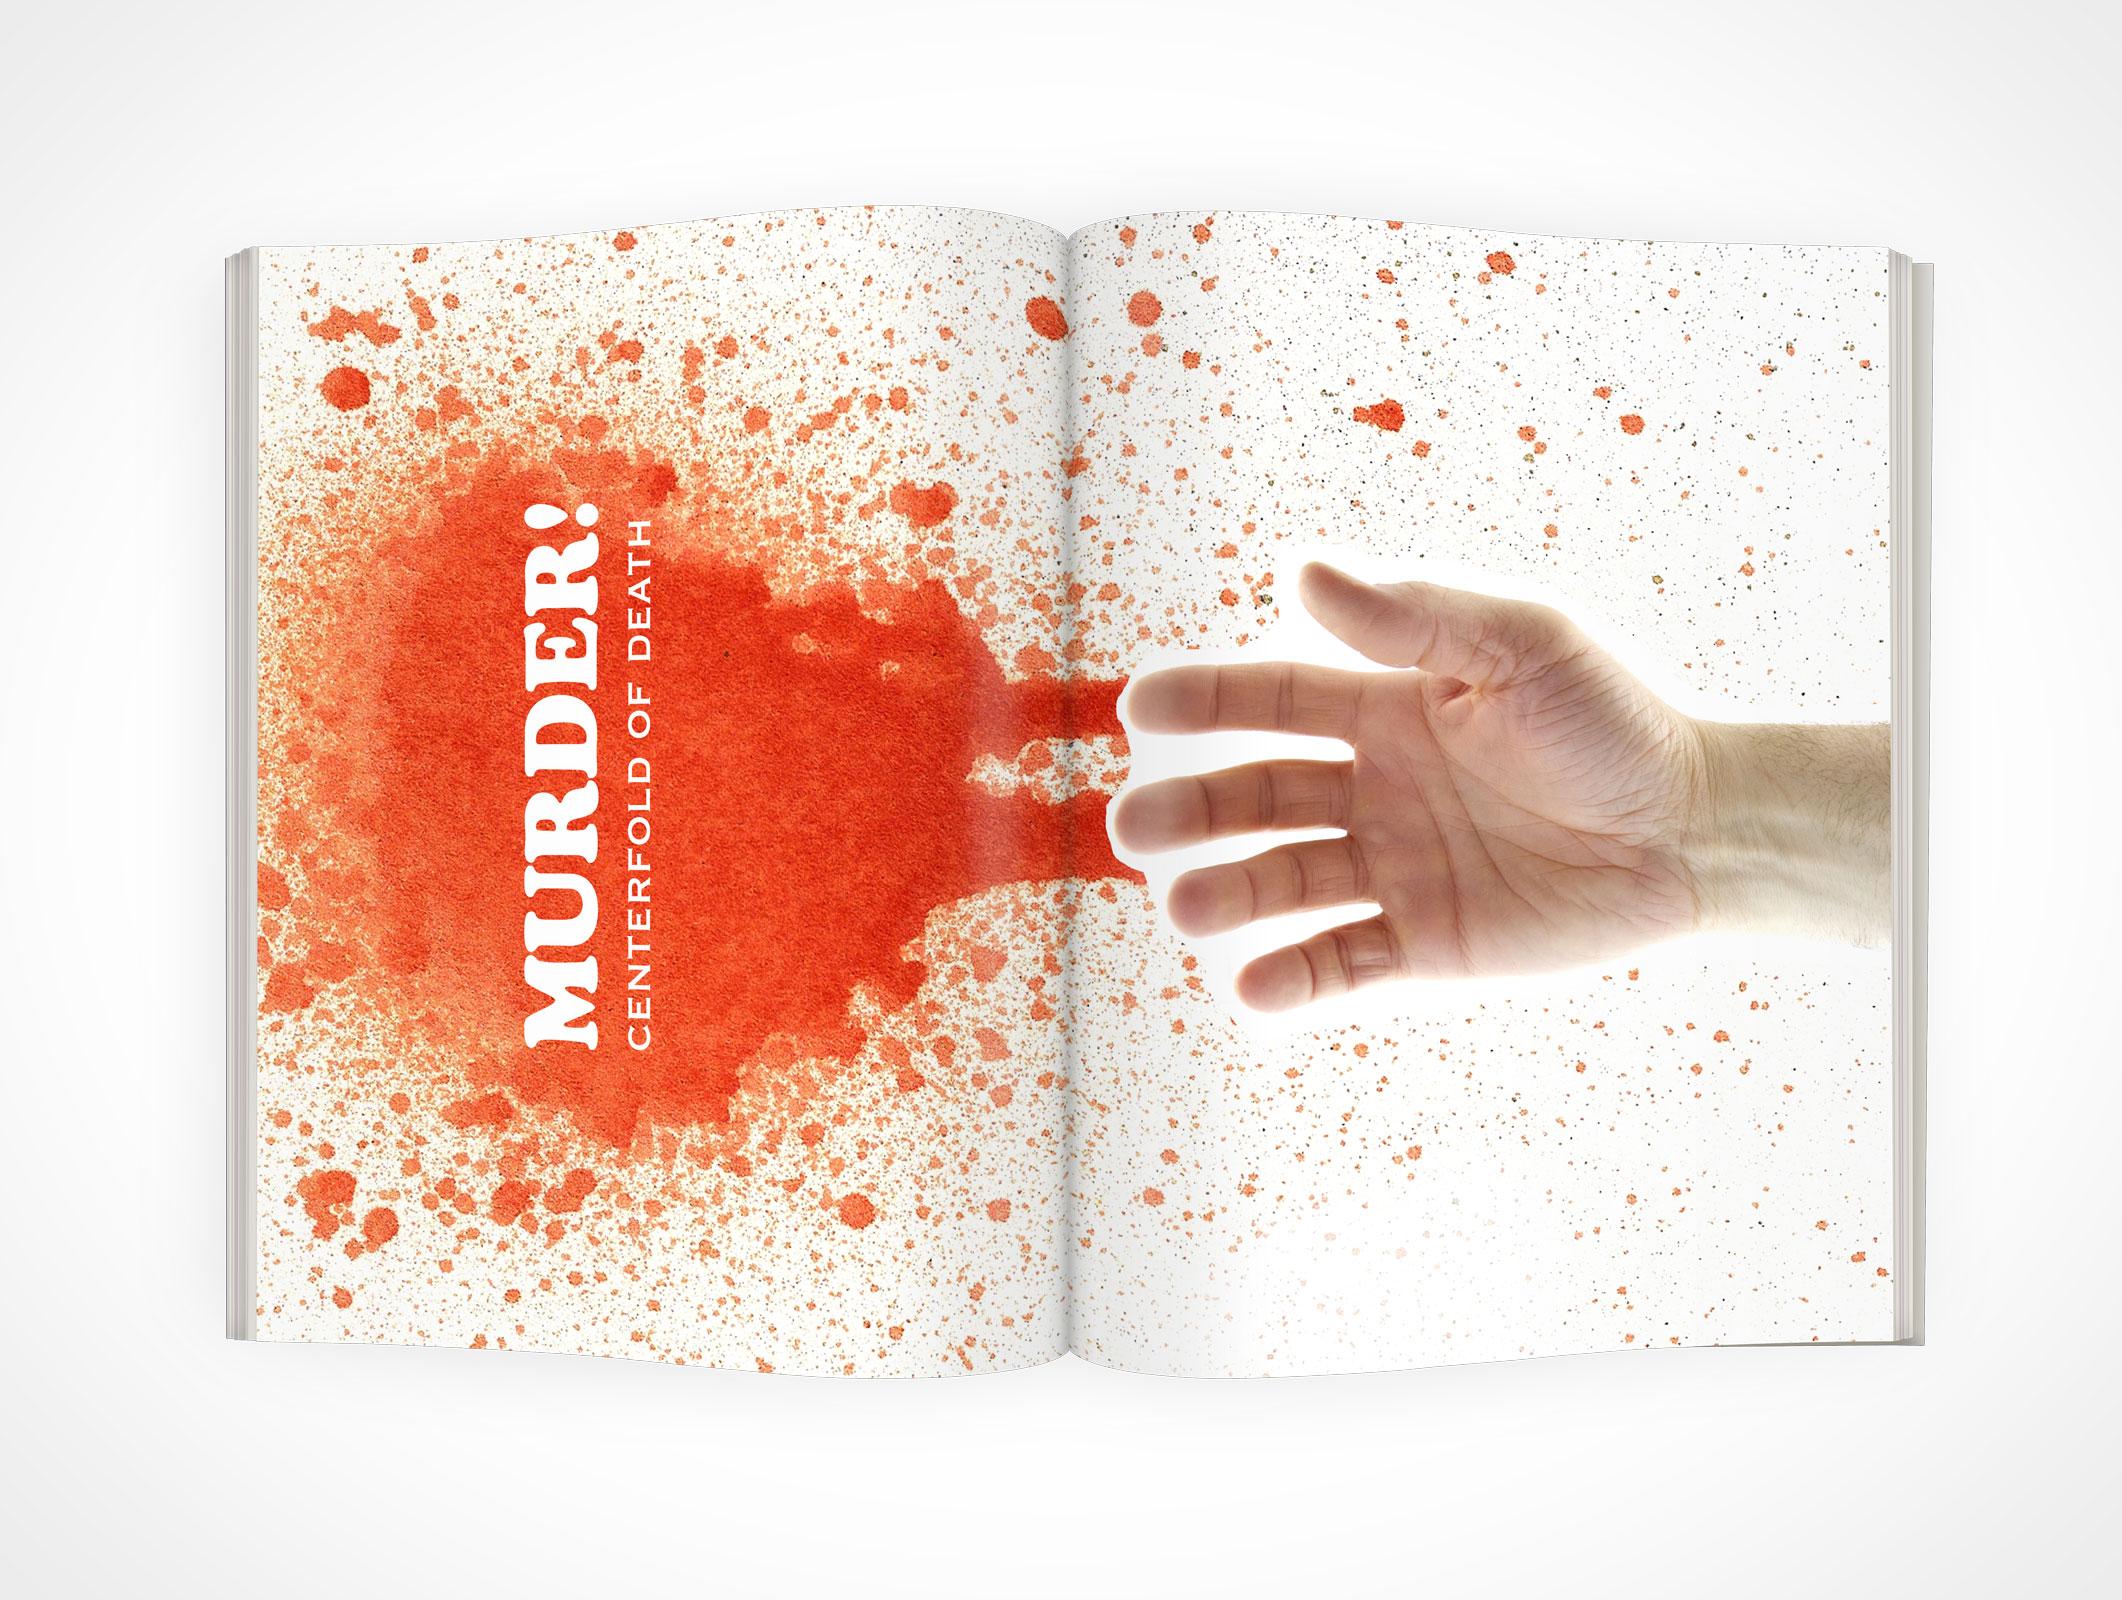 Centerfold Magazine PSD Mockup